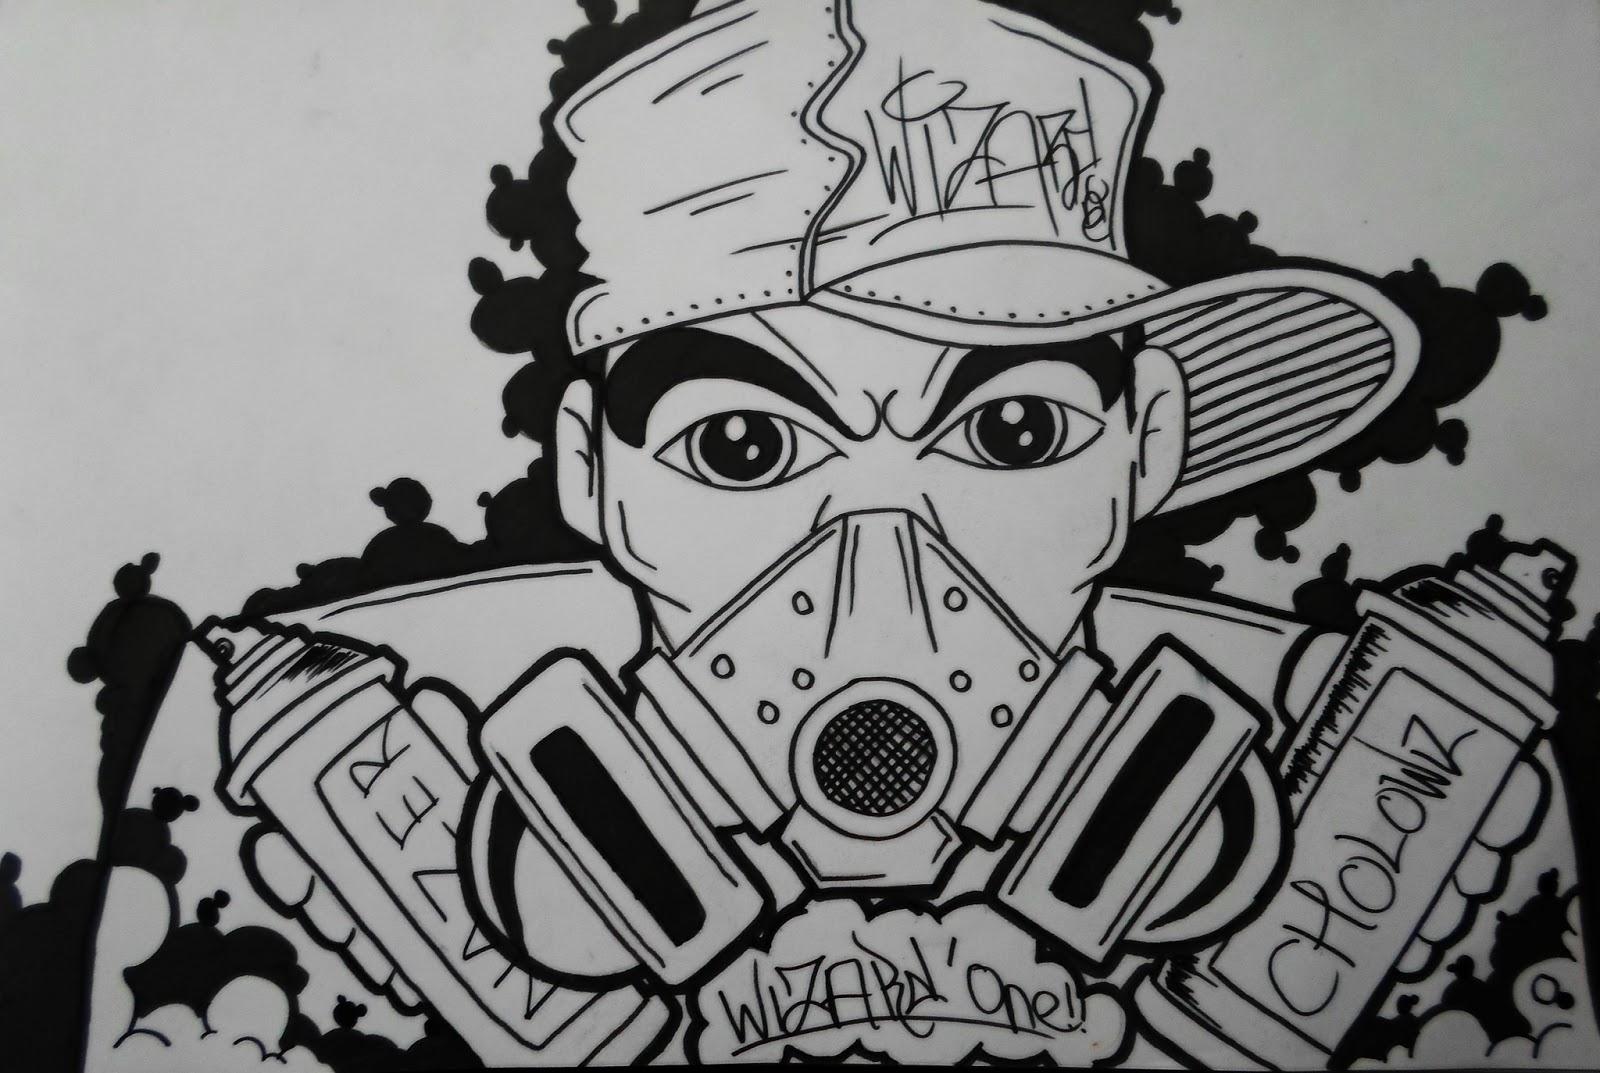 Gambar Grafiti Monster Inc  Sobgrafiti